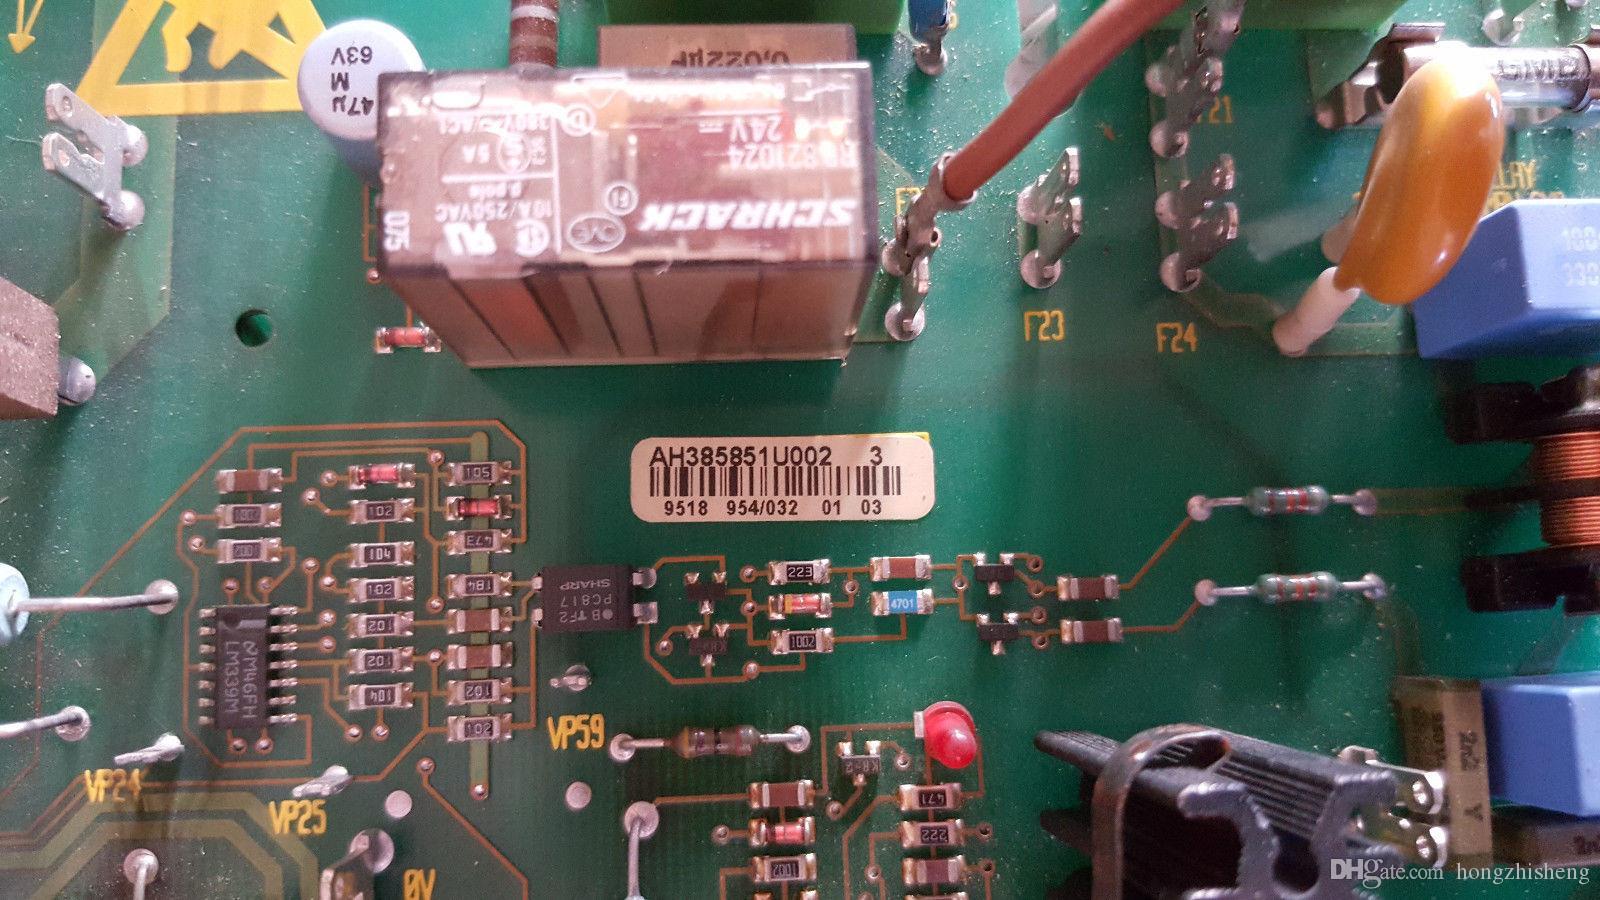 1 используемая доска AH385851U002 электропитания конвертера DC Eurotherm в хорошем состоянии